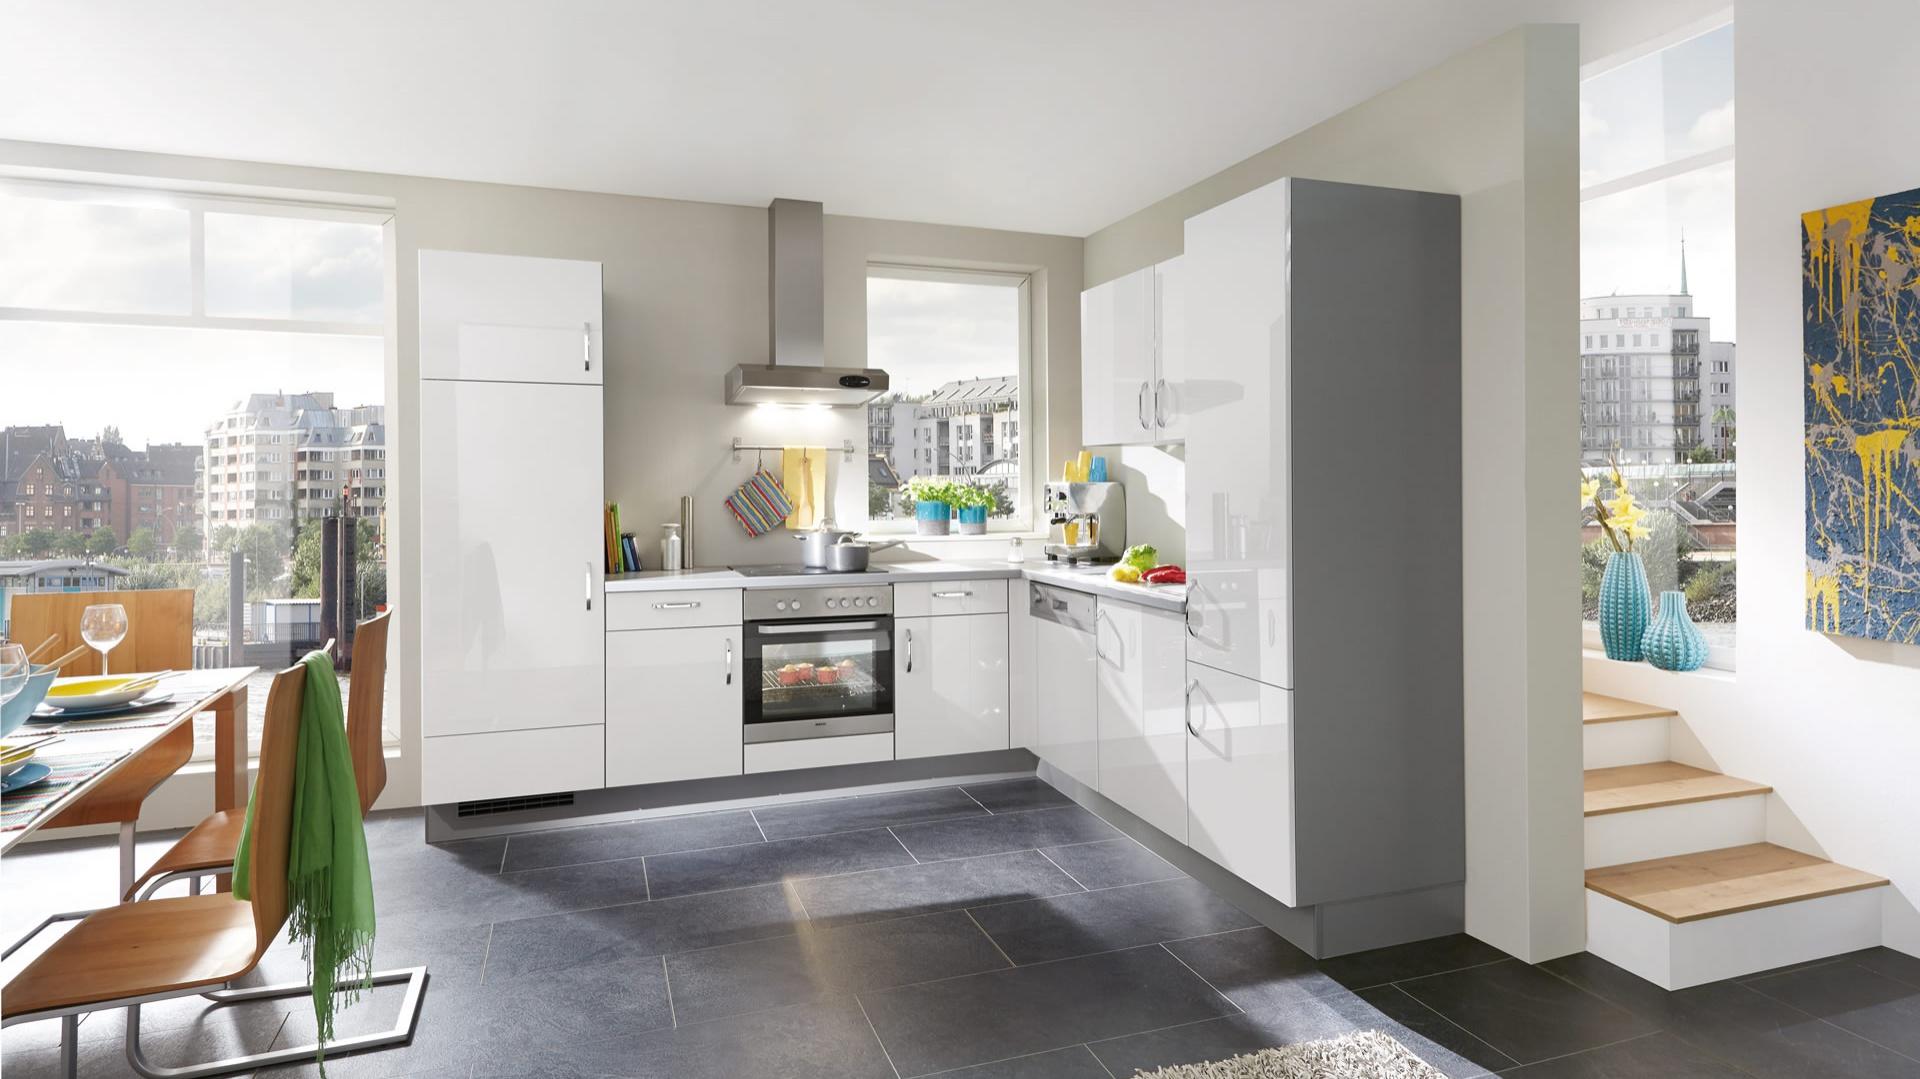 Gładkie, błyszczące fronty mebli kuchennych nadają im bardziej salonowy charakter. Biel w połysku optycznie powiększa też niewielki kuchenną przestrzeń wydzieloną w otwartej strefie dziennej. Na zdjęciu: meble z oferty marki Nobilia.